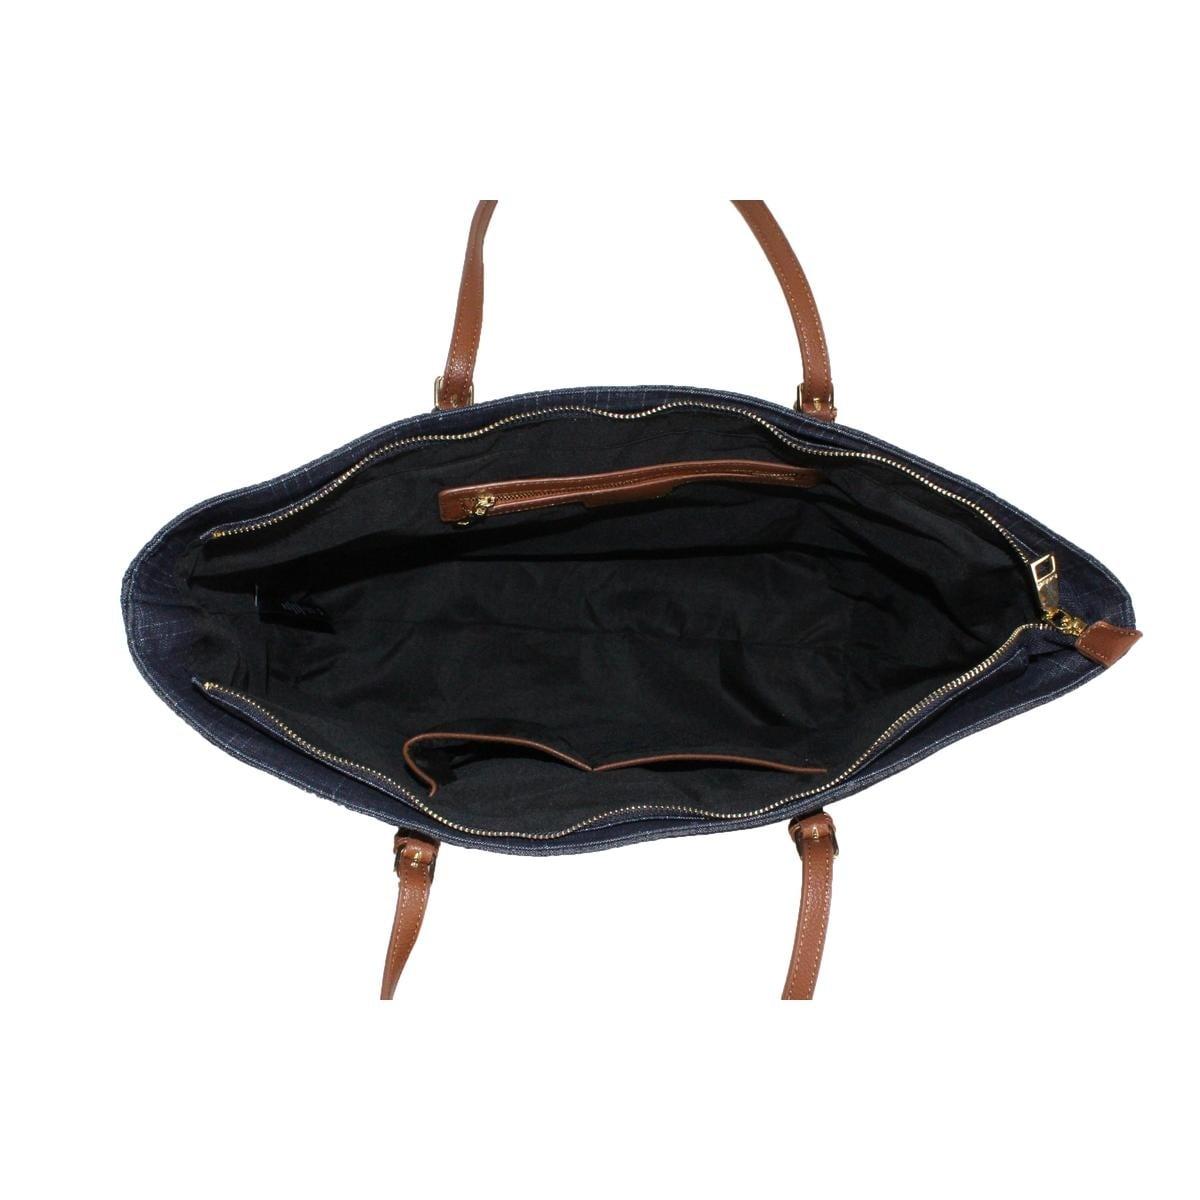 75b170fb22c4 Bebe Womens Debbie Tote Handbag Faux Leather Trim Shopper - Large